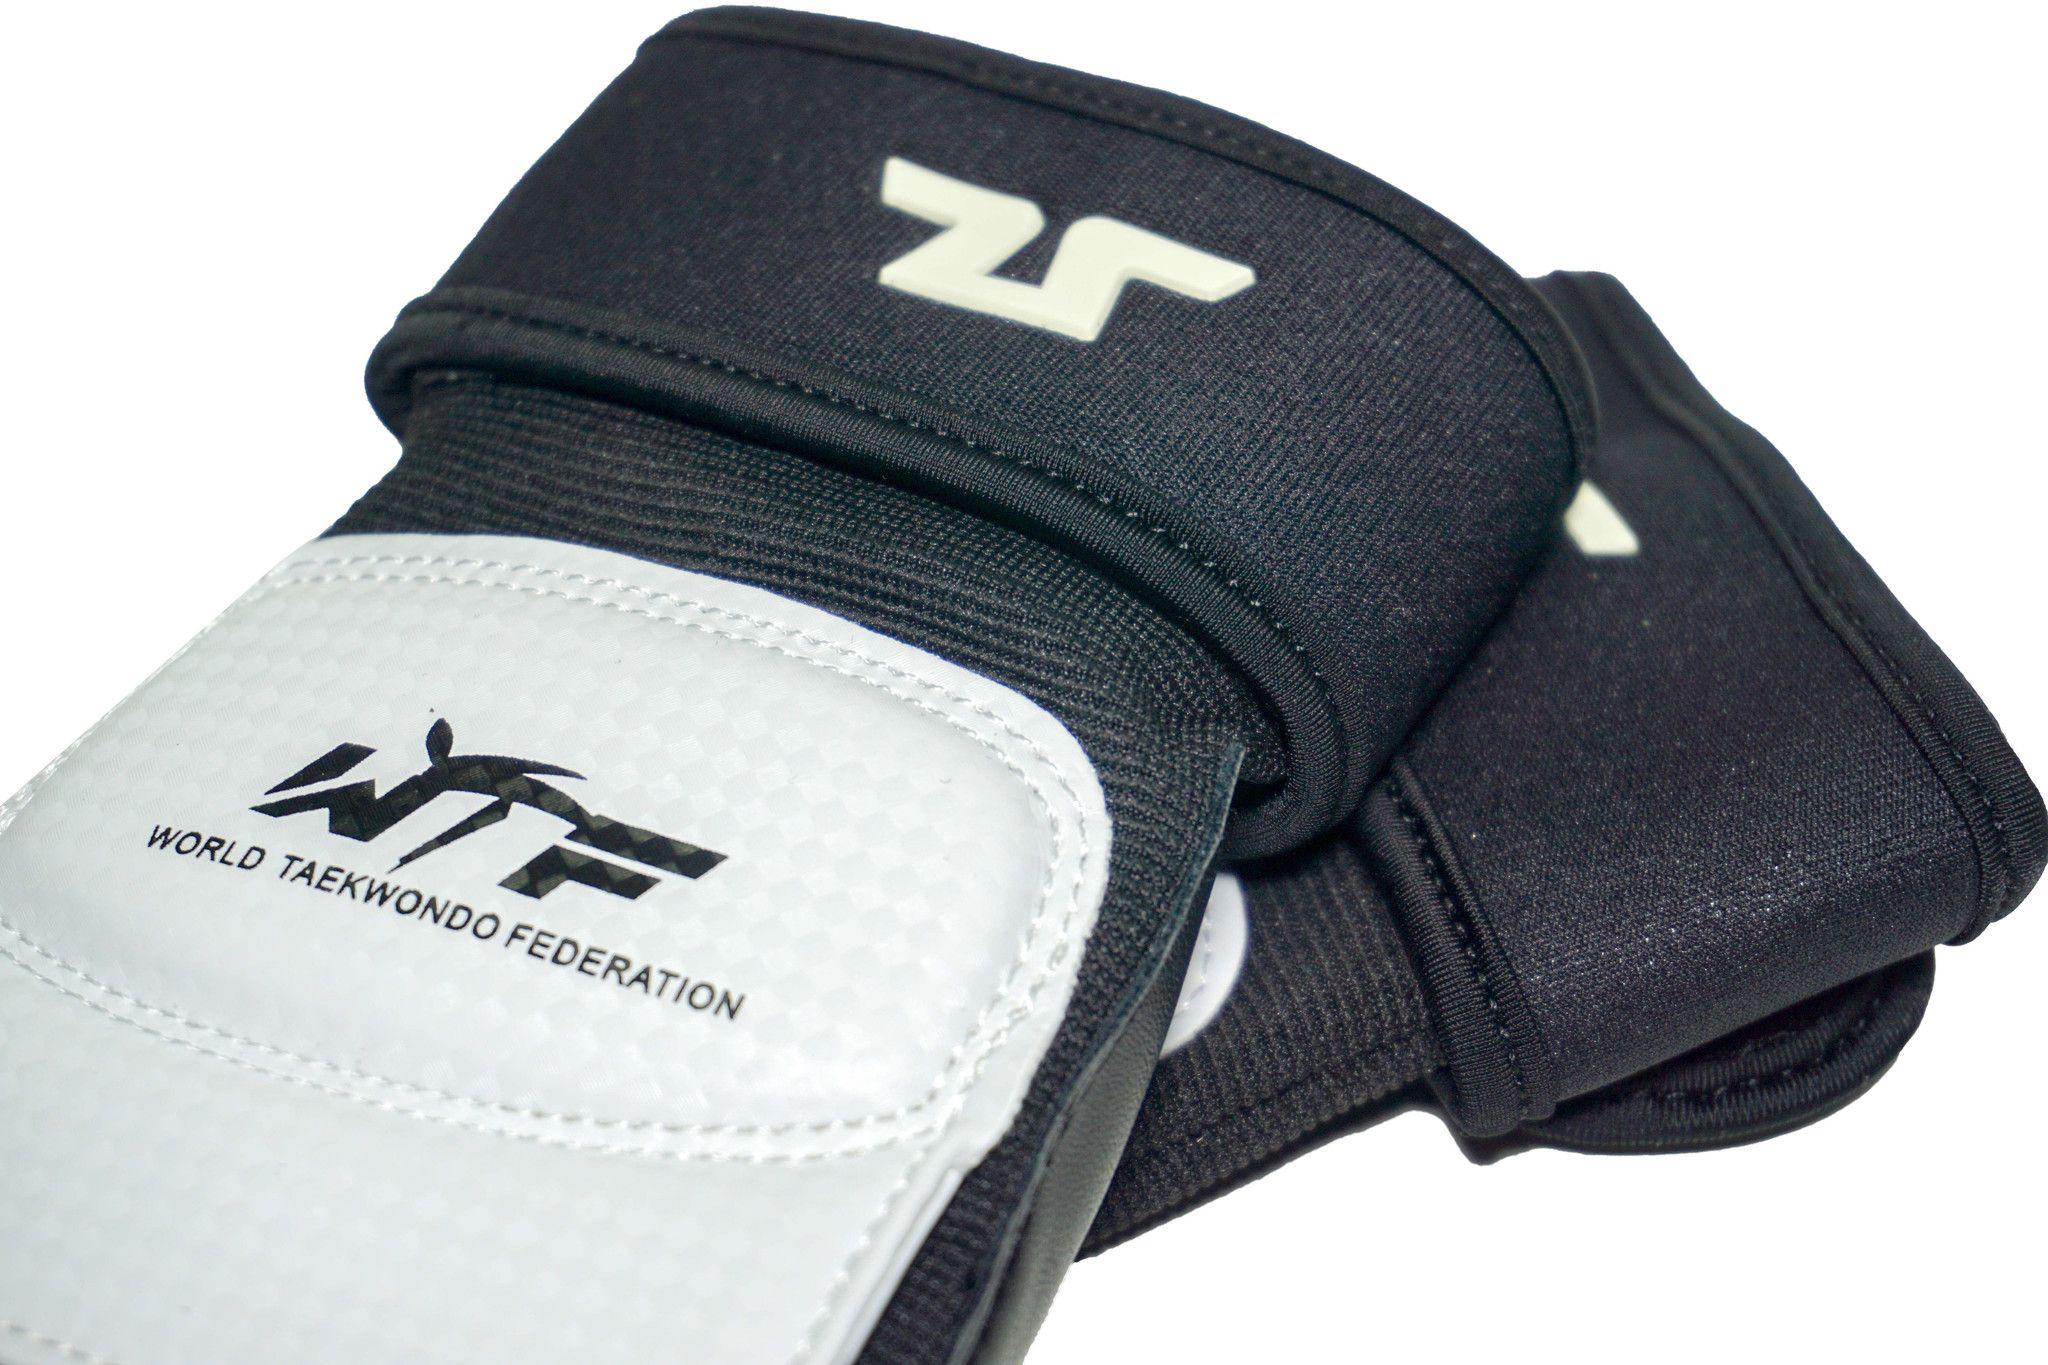 Parapiedi per Taekwondo Tusah Omologati WT WTF per competizioni e allenamenti protezione piedi